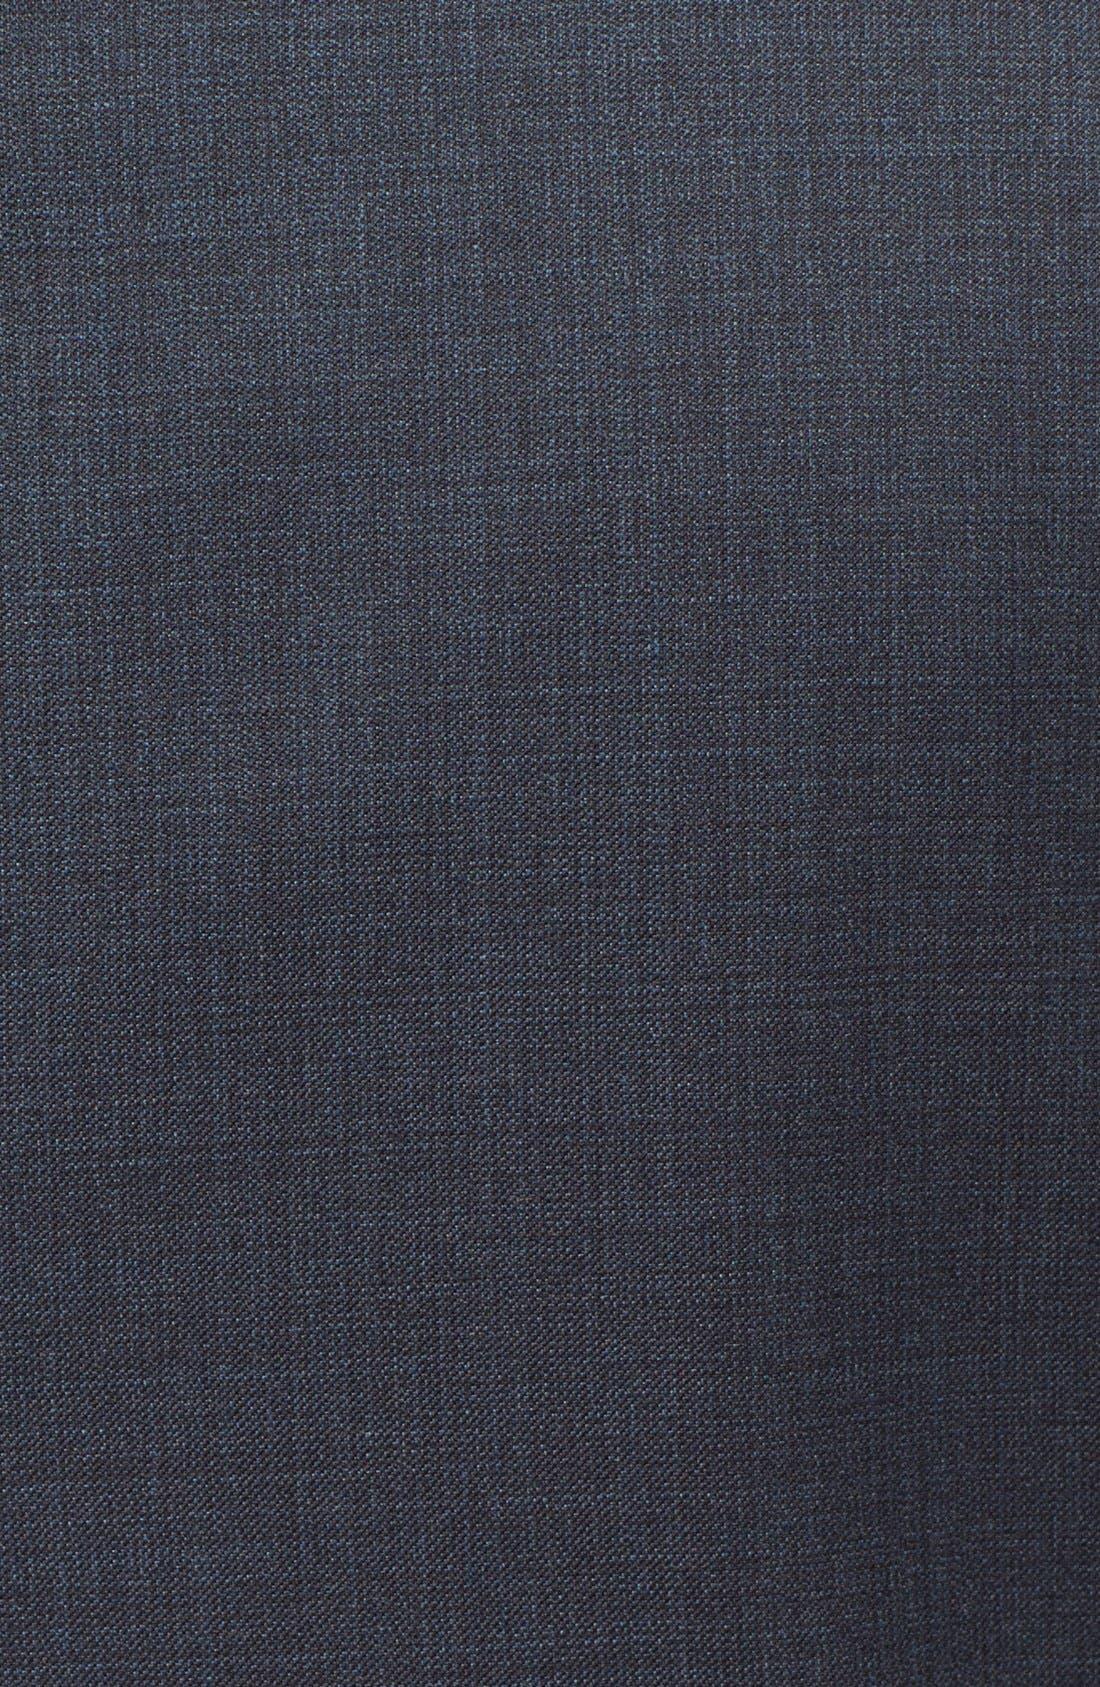 'G-Line' Trim Fit Solid Wool Suit,                             Alternate thumbnail 6, color,                             410